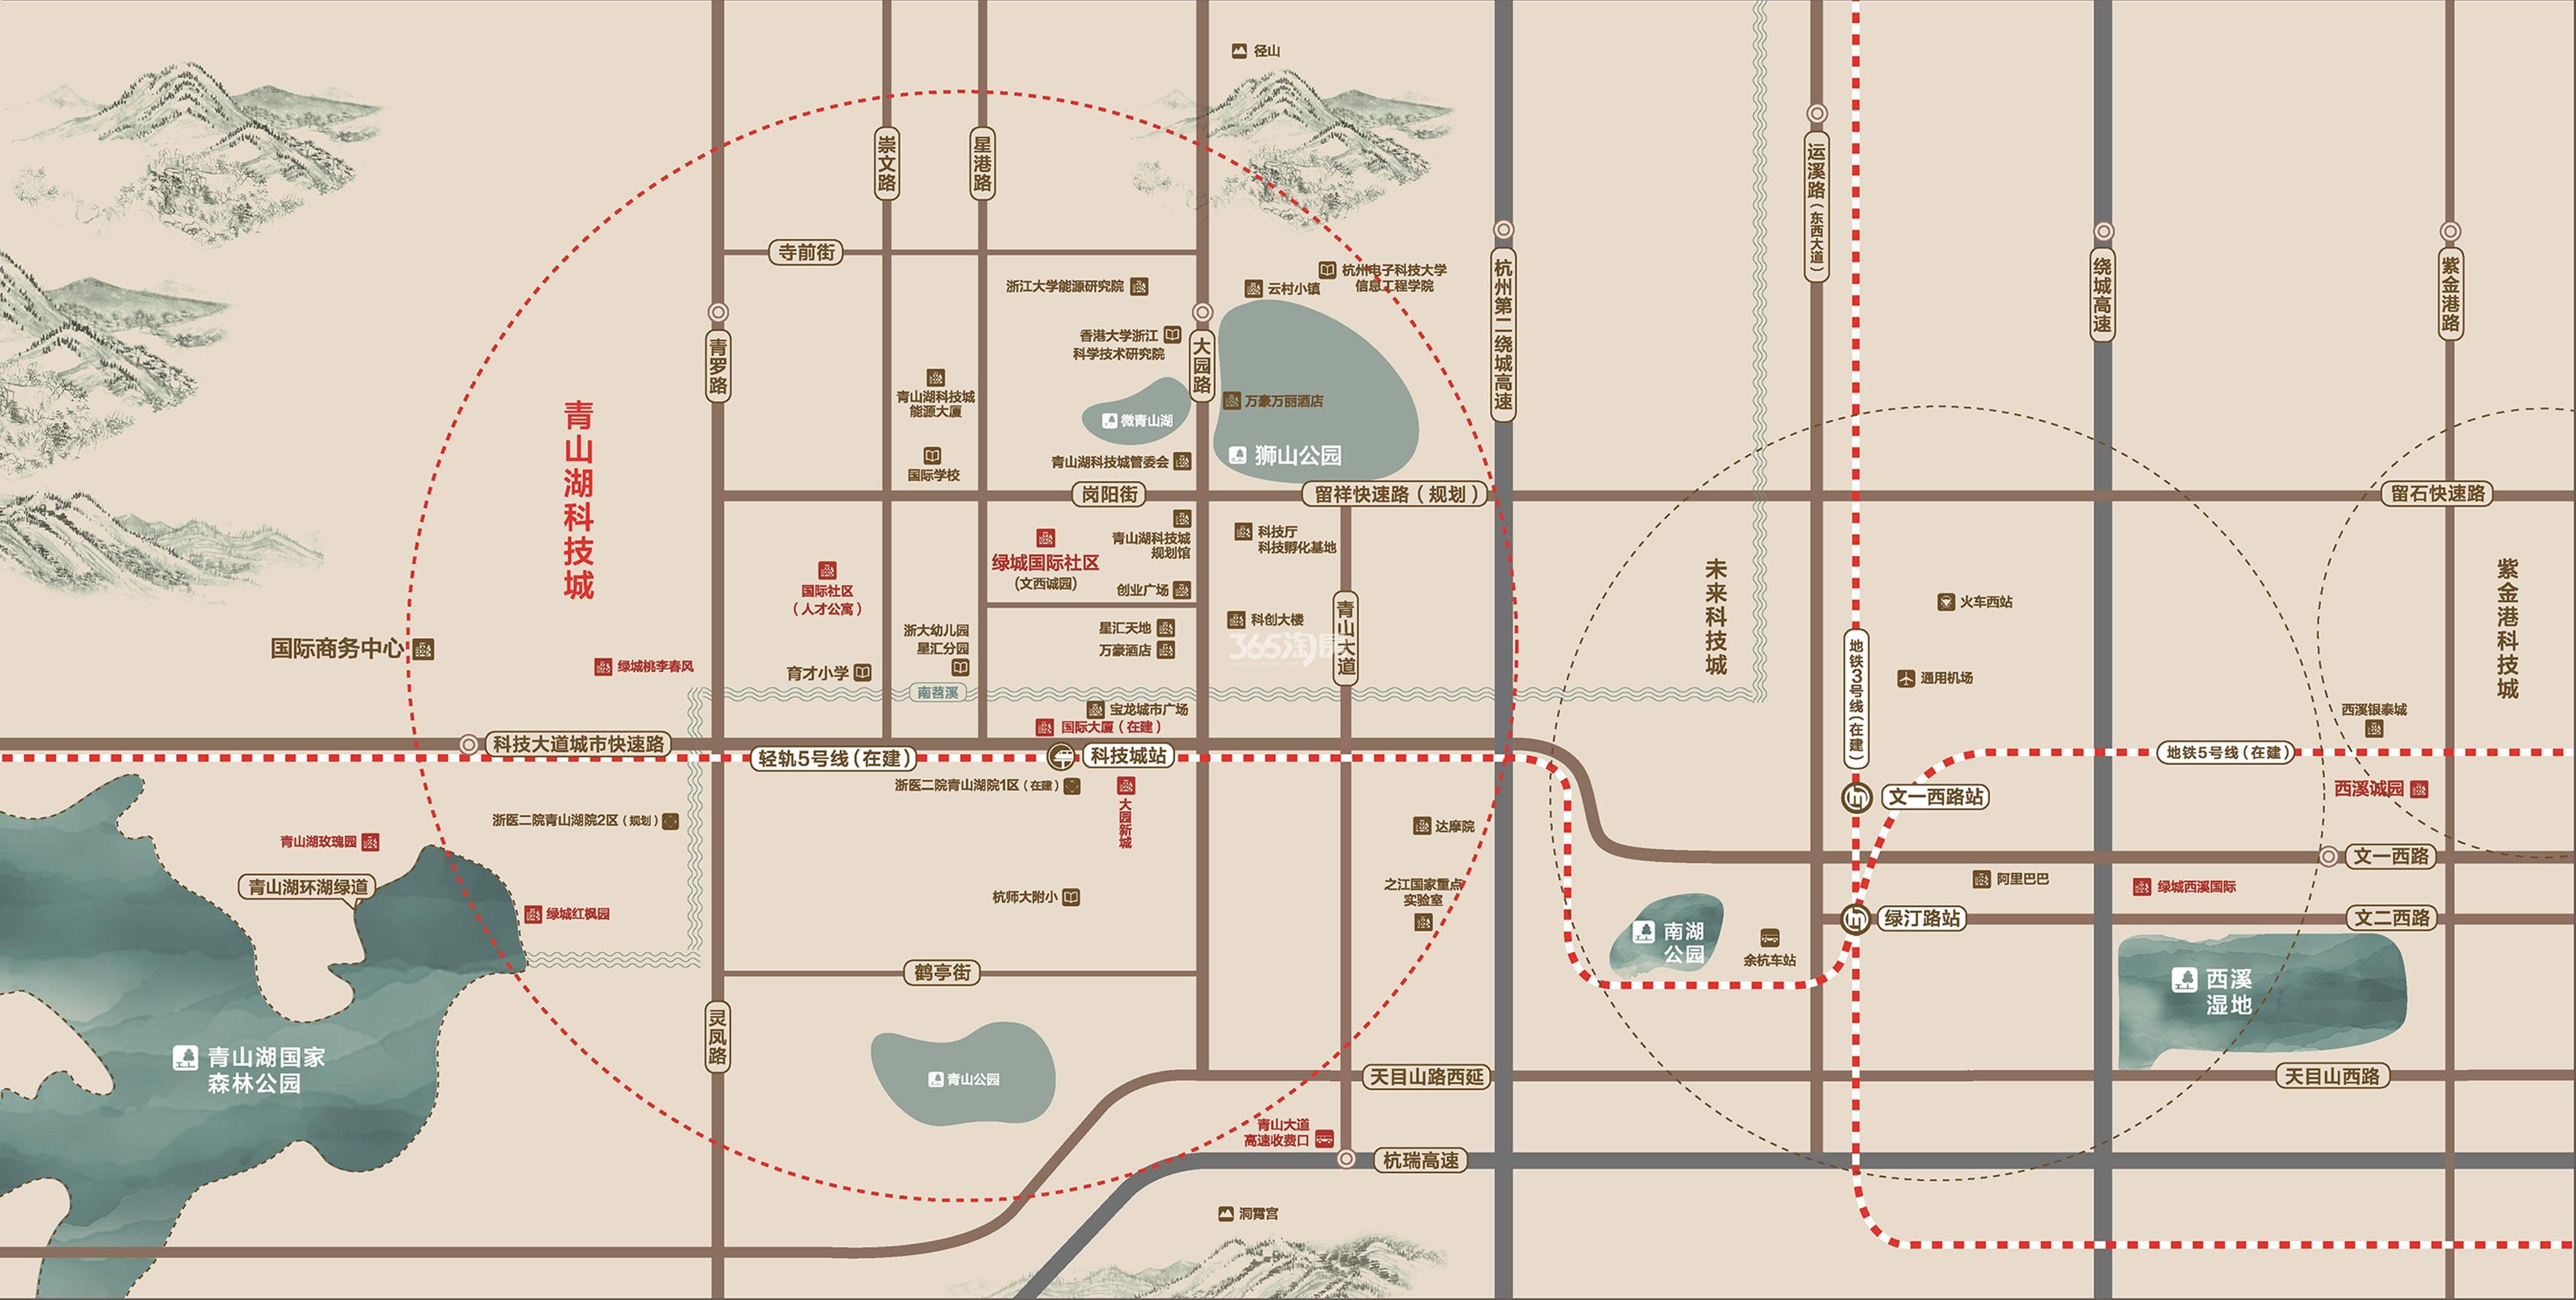 绿城国际社区交通图